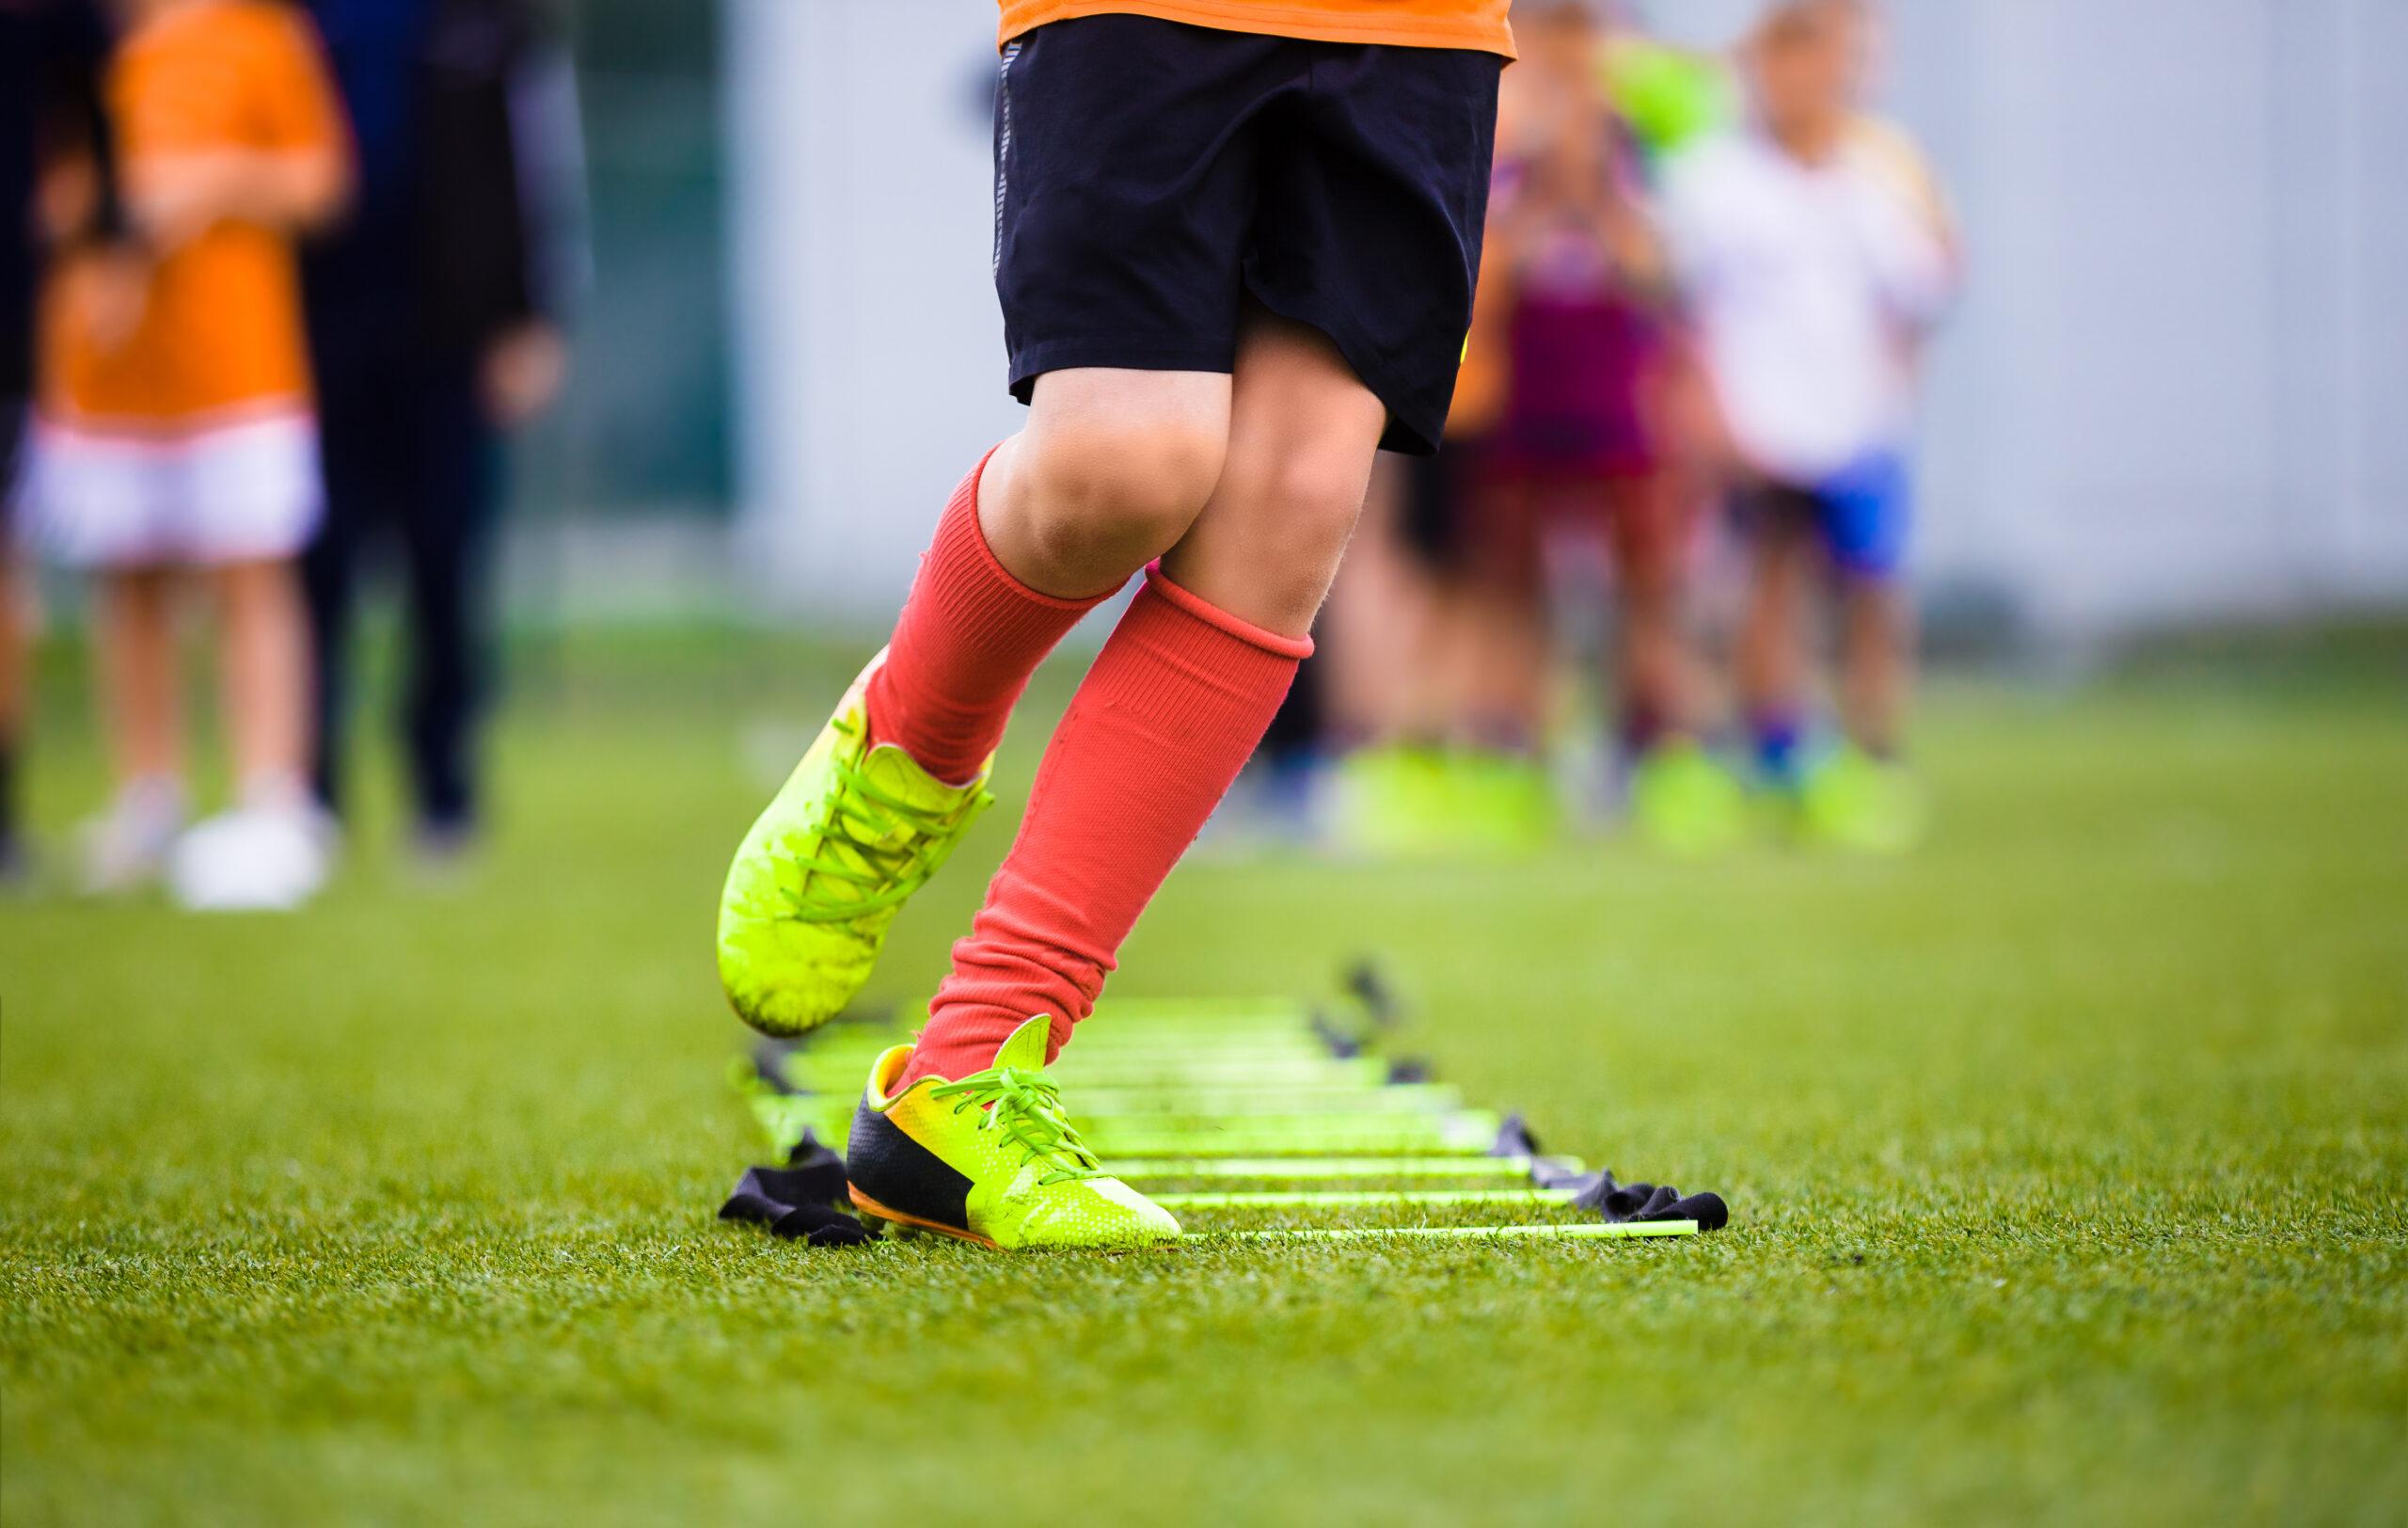 Zürichsee, Schweiz: <br>Transport zum Fussball für Junioren mit Handicap